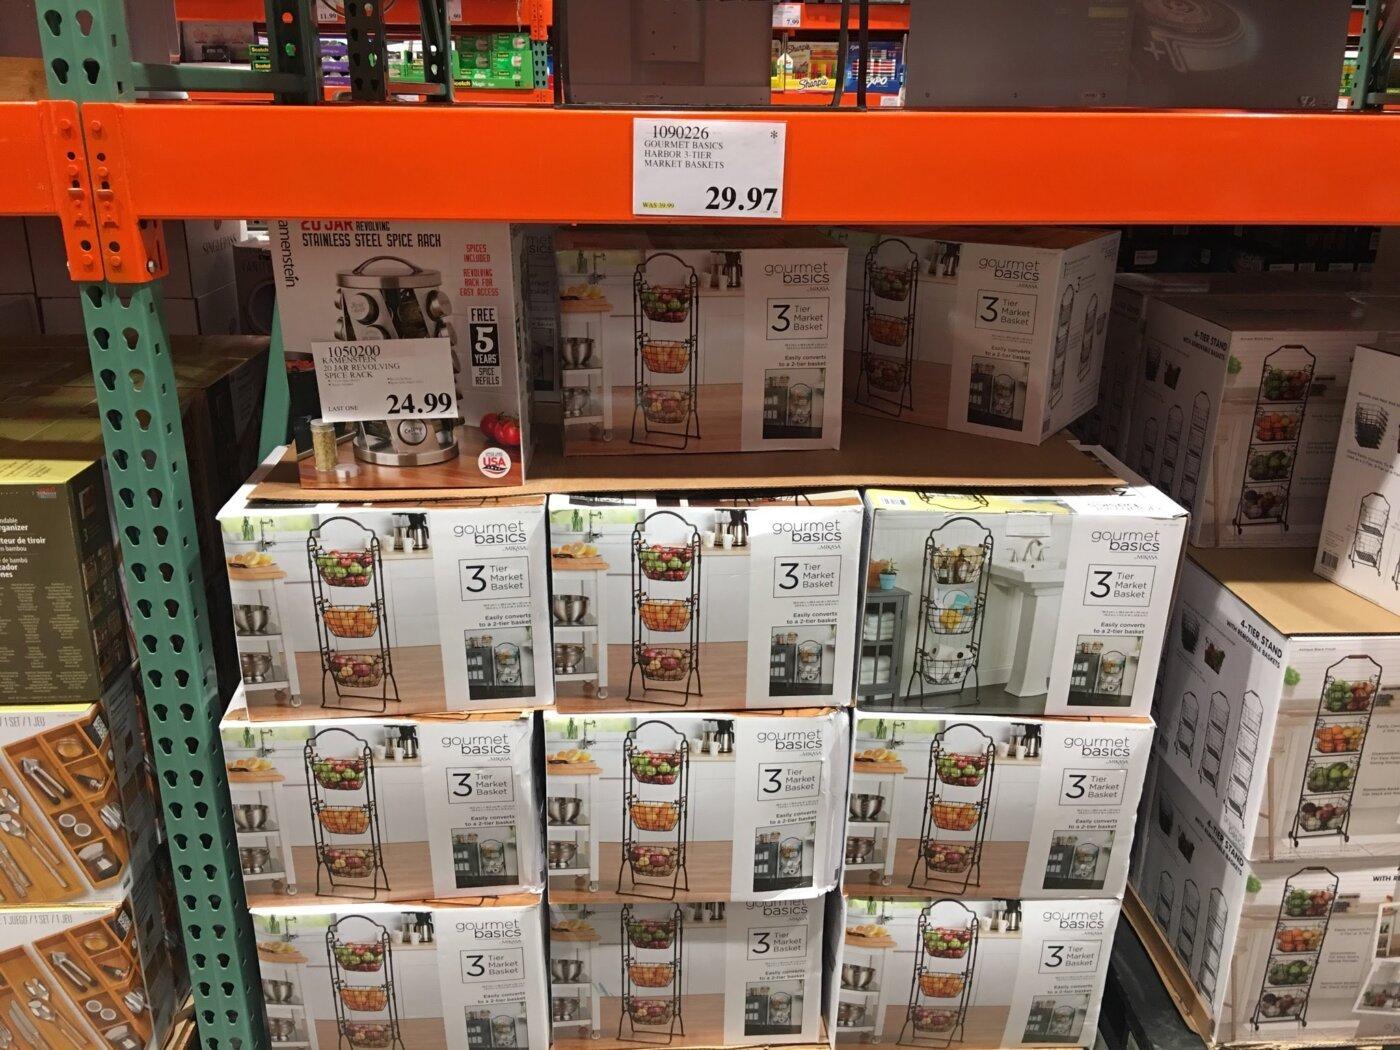 Gourmet Basics Harbor 3Tier Market Baskets - 1090226